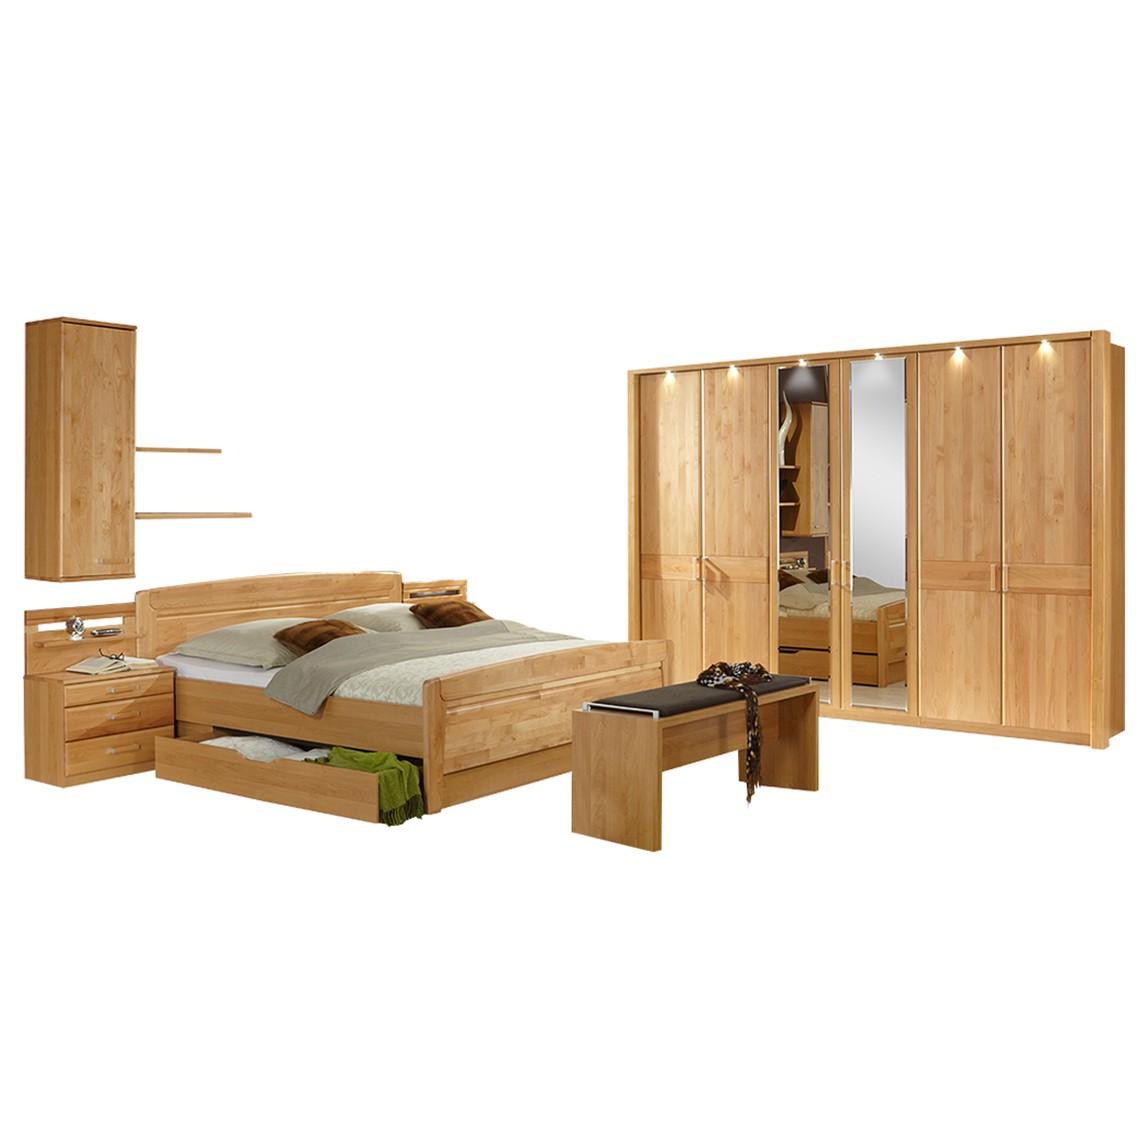 Schlafzimmer komplett Lausanne I – Erle Dekor/Erle Massiv, Althoff bestellen